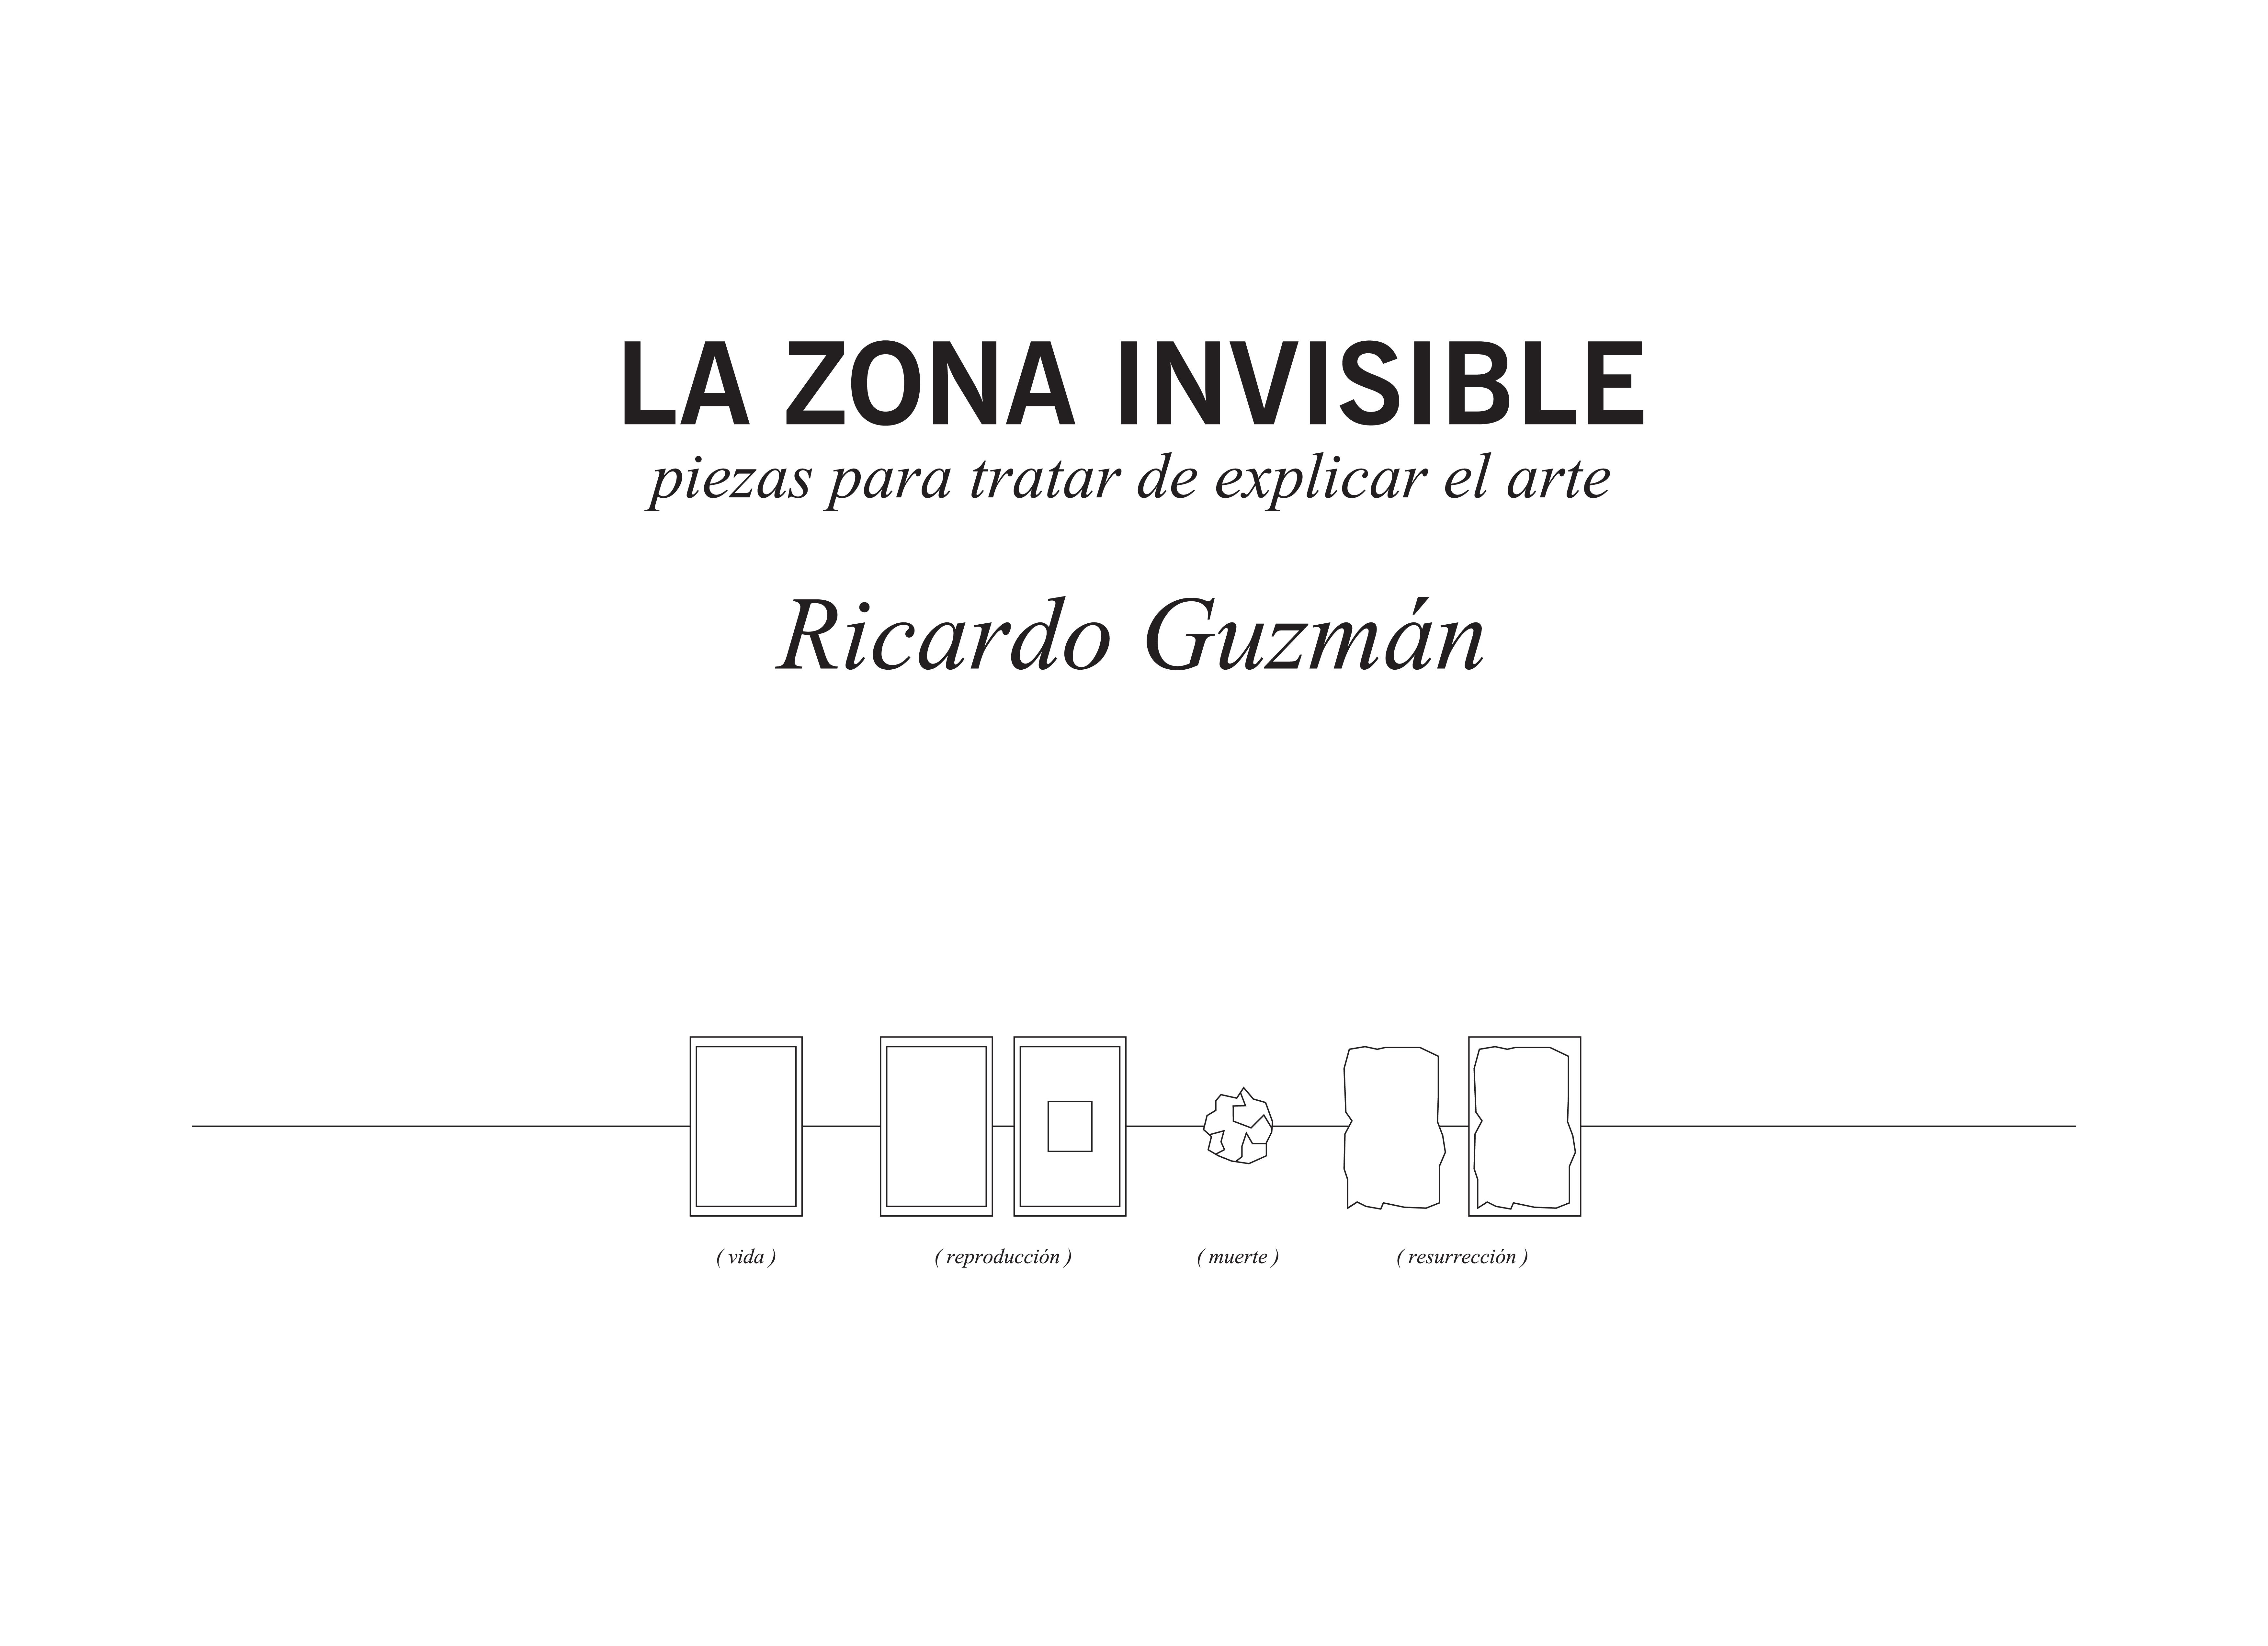 La zona invisible